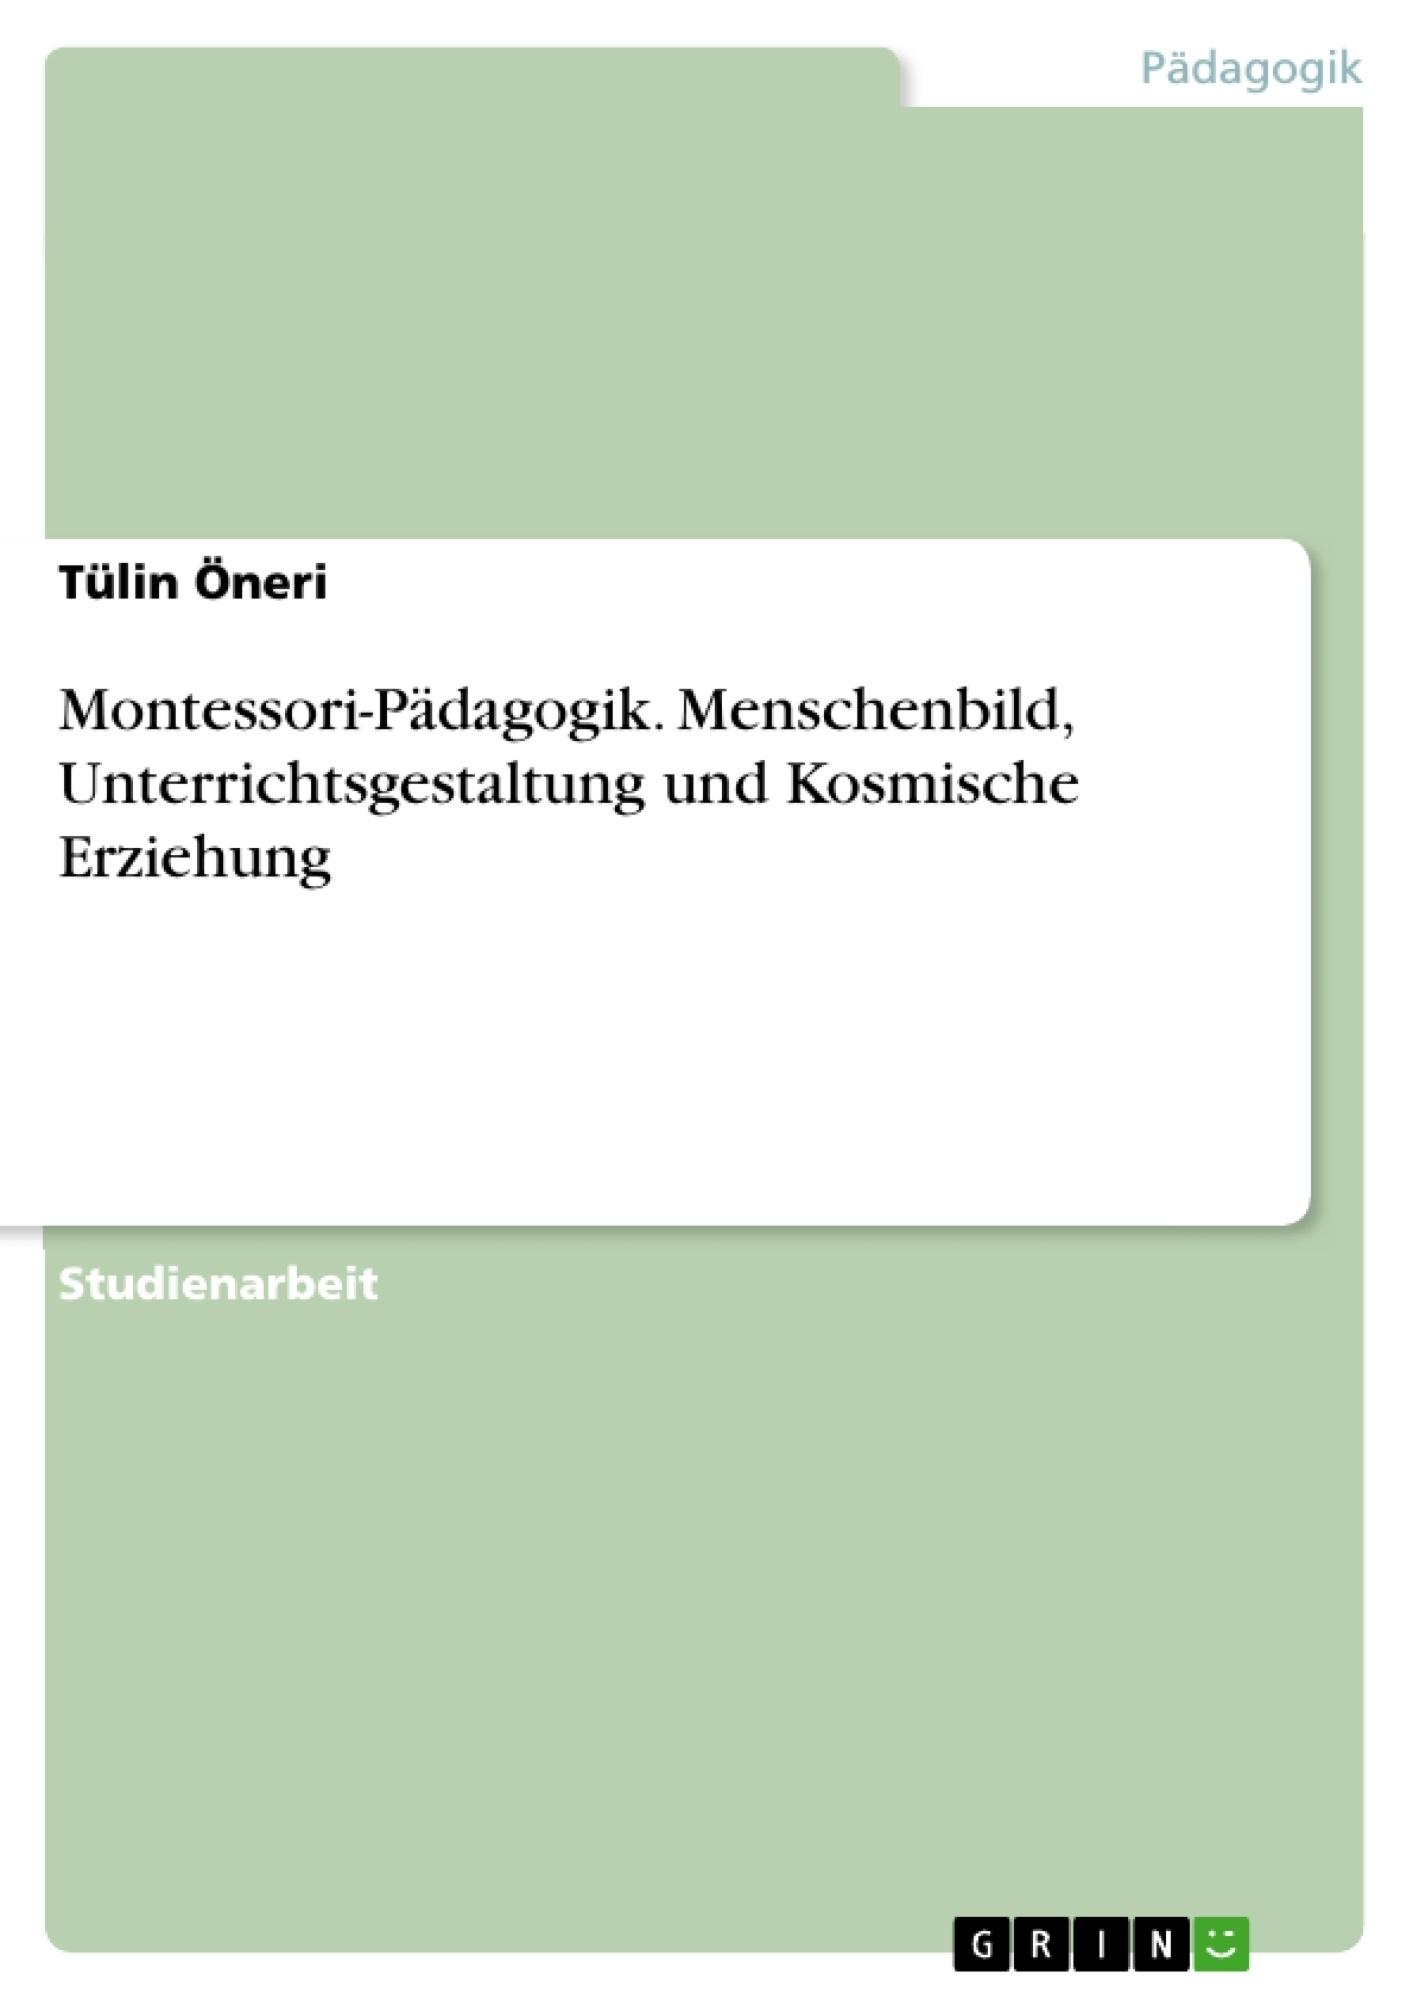 Titel: Montessori-Pädagogik. Menschenbild, Unterrichtsgestaltung und Kosmische Erziehung